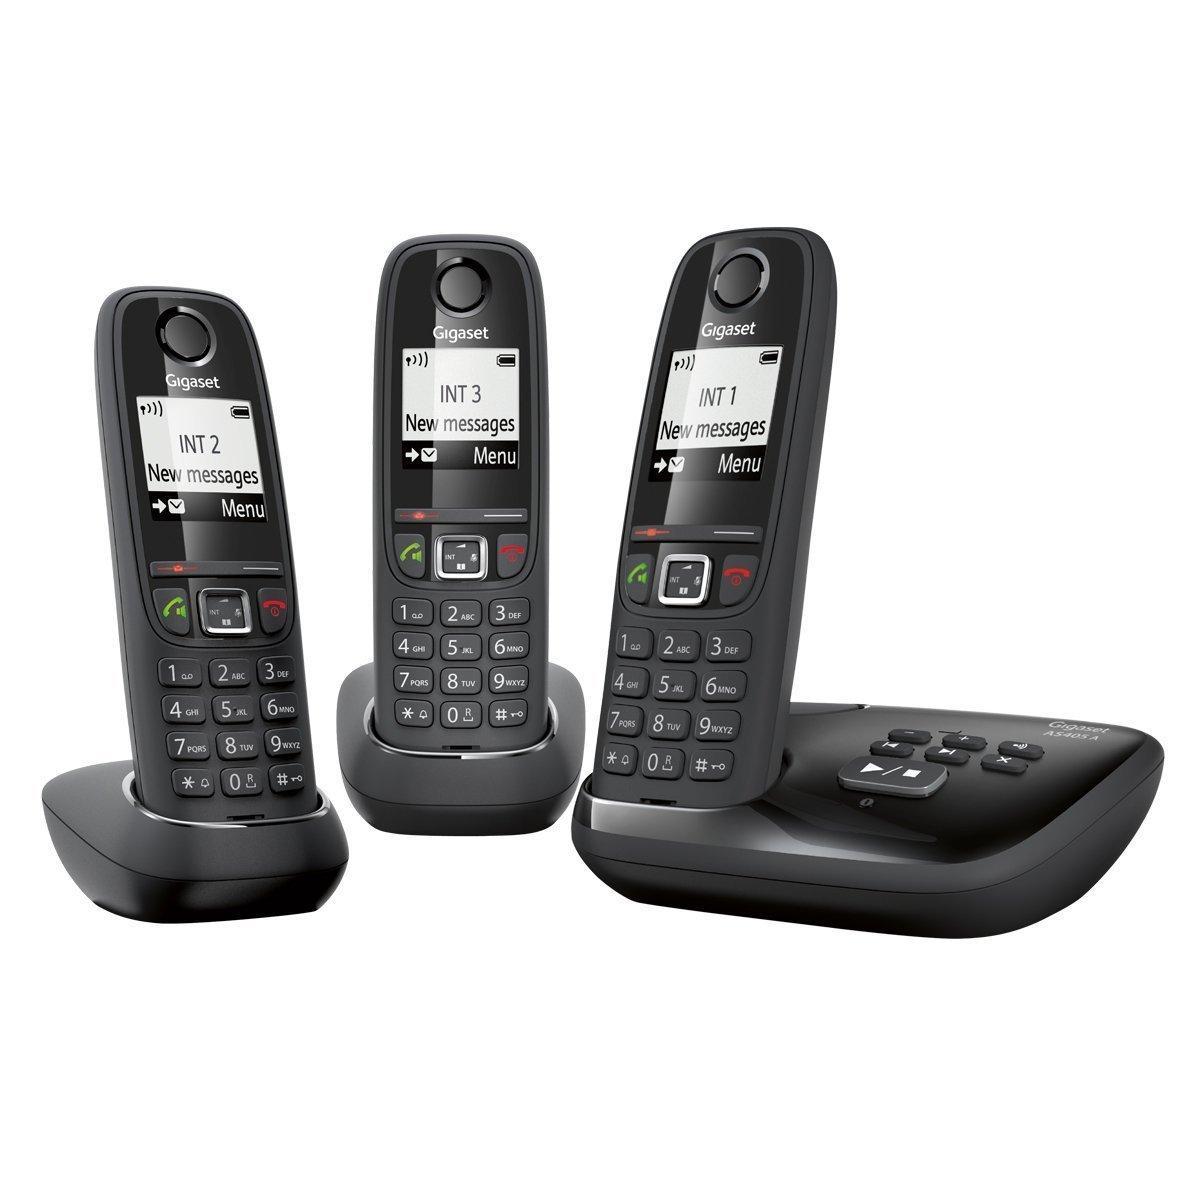 [Expiré]Trio téléphone sans fil Gigaset AS405A DECT/GAP mains-libres avec répondeur - Noir (via ODR 15€)